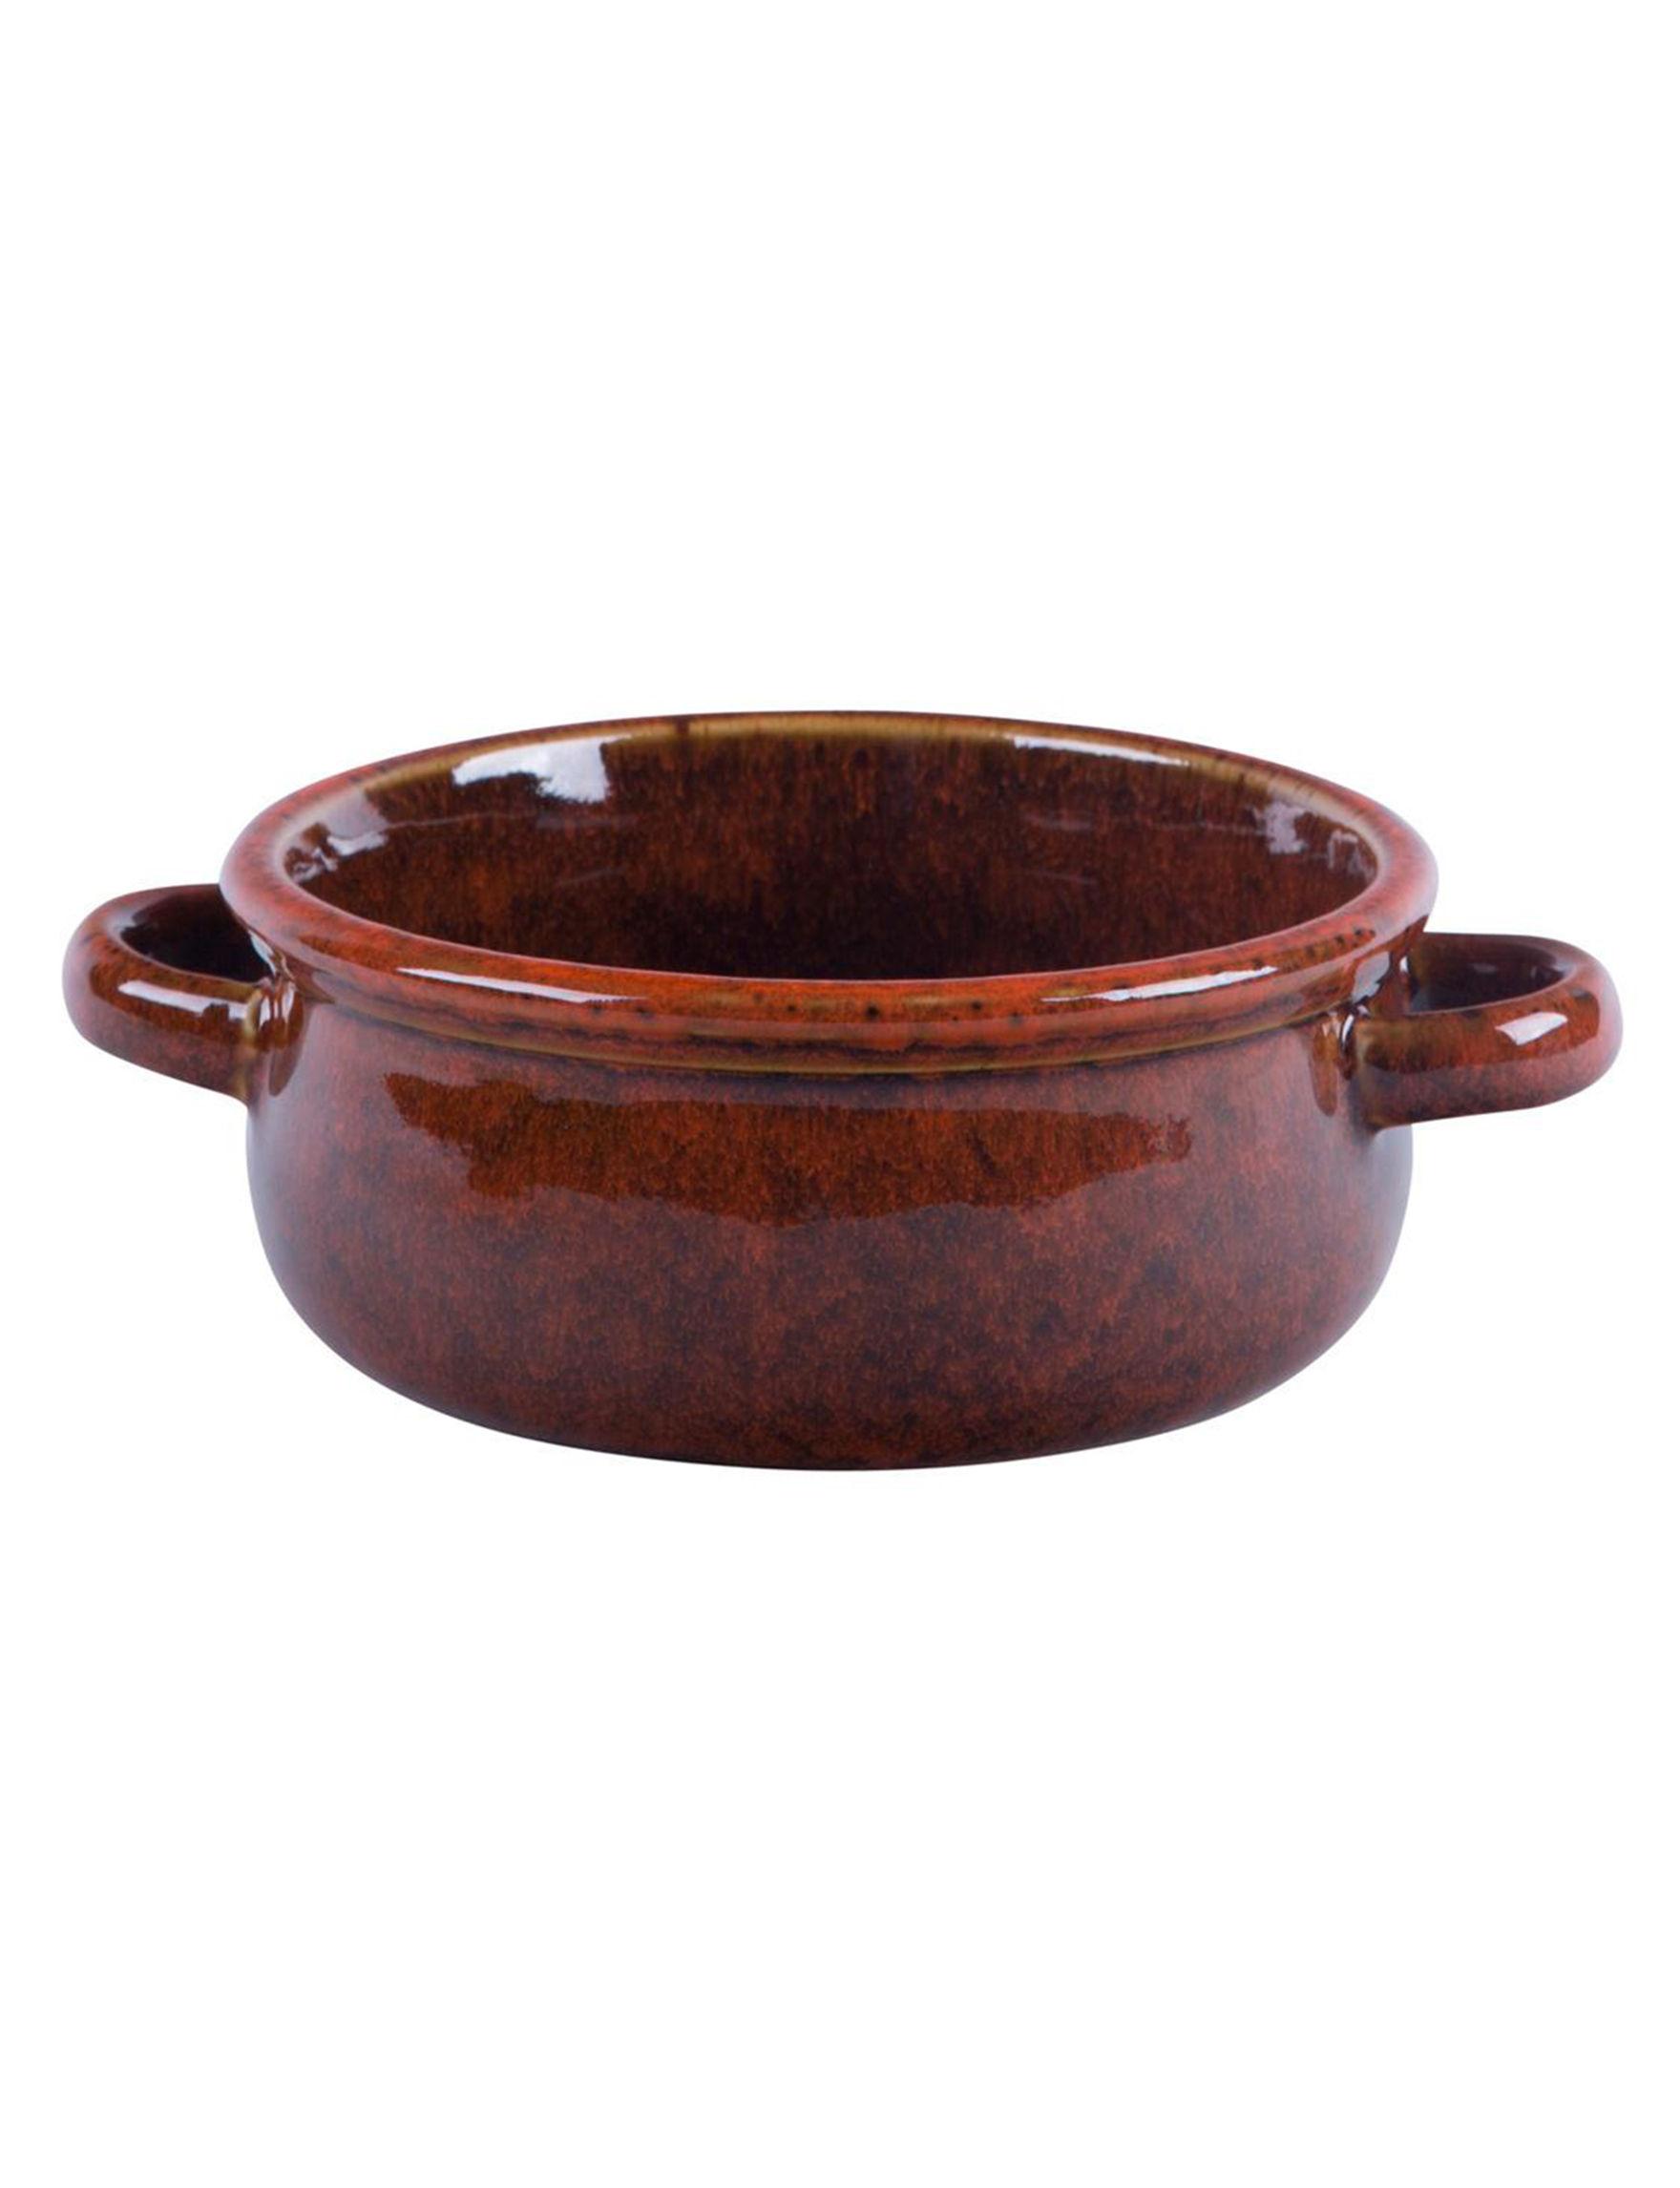 Home Essentials Red Serving Bowls Serveware